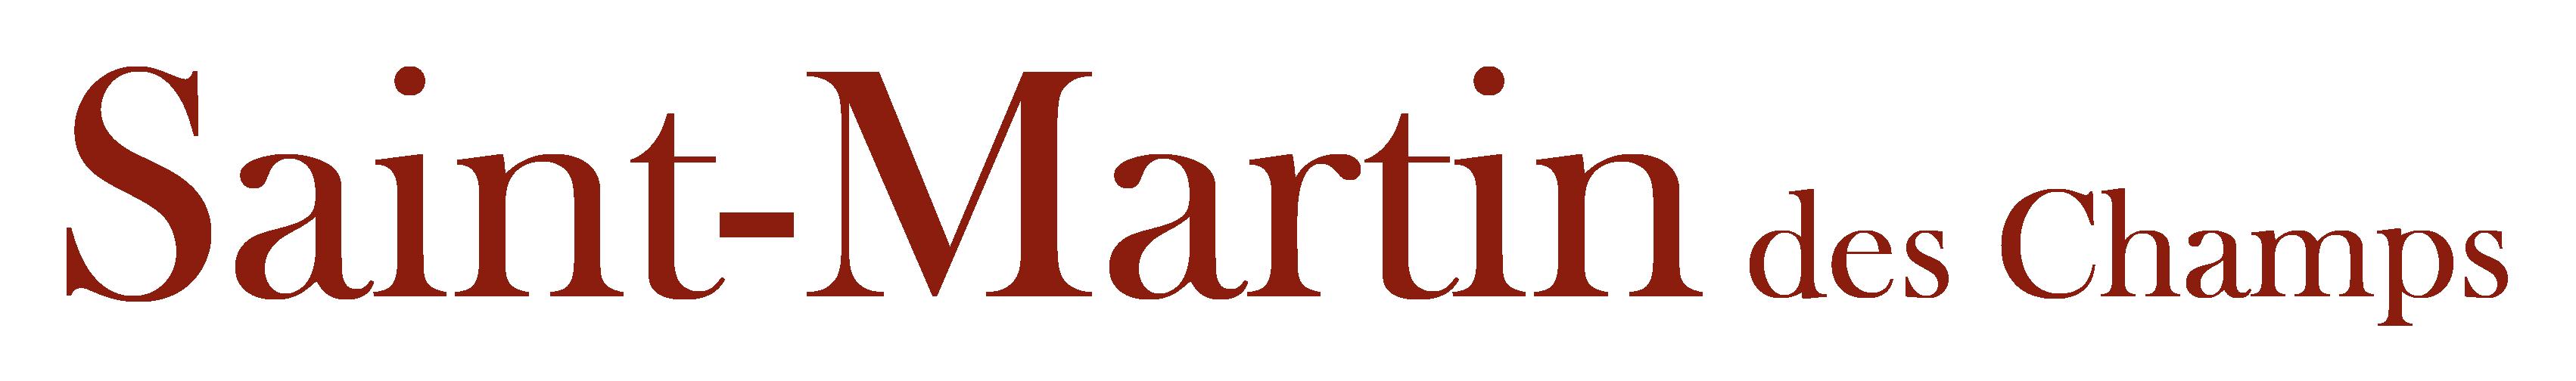 Art, Culture et Foi / Saint-Martin-des-Champs